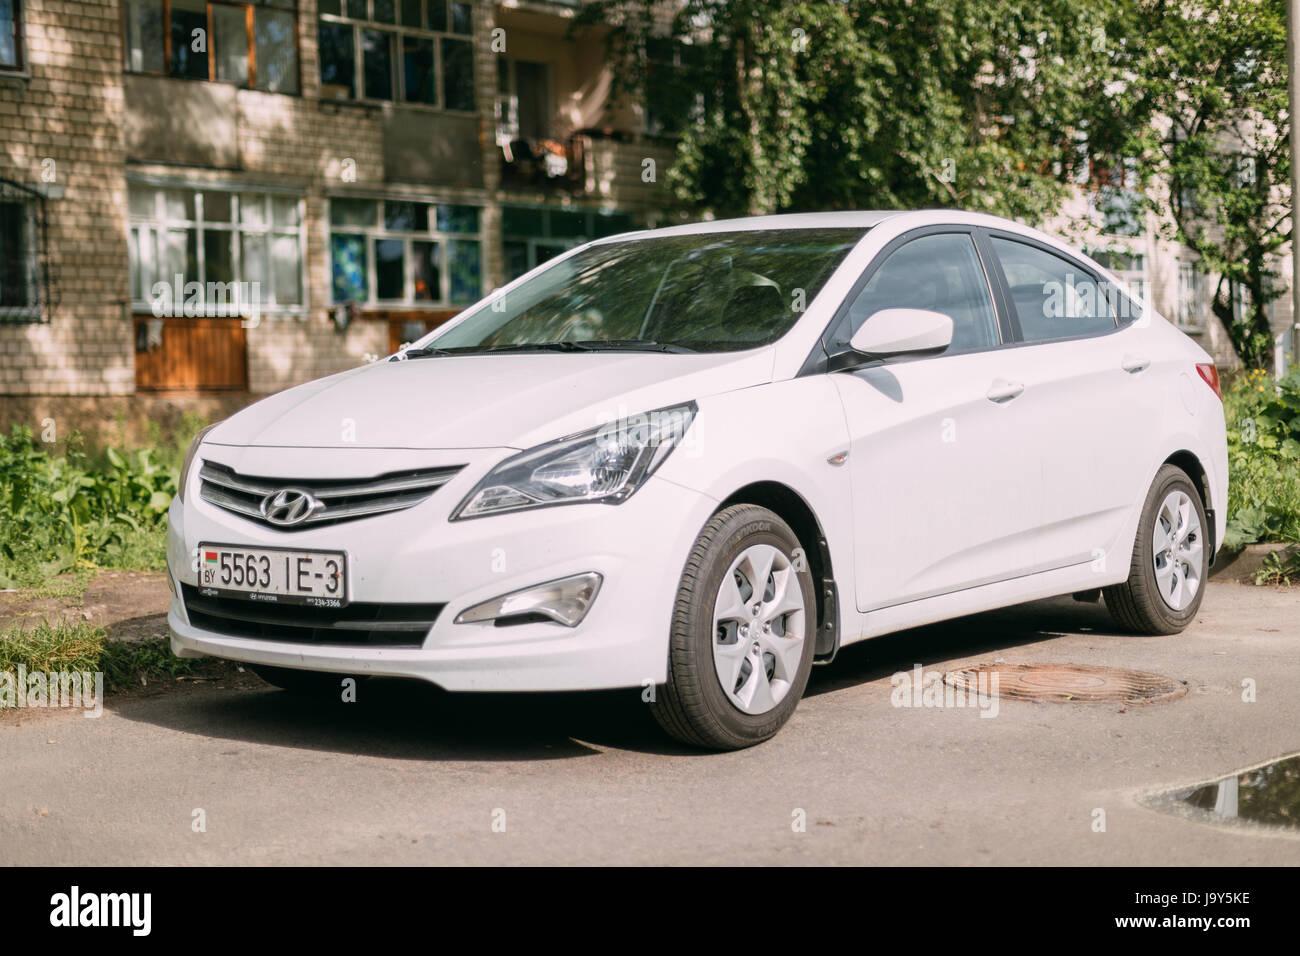 Gomel, Bielorussia - 27 Maggio 2017: Hyundai Accent Verna Solaris Sedan auto parcheggiate in strada della zona residenziale. Immagini Stock